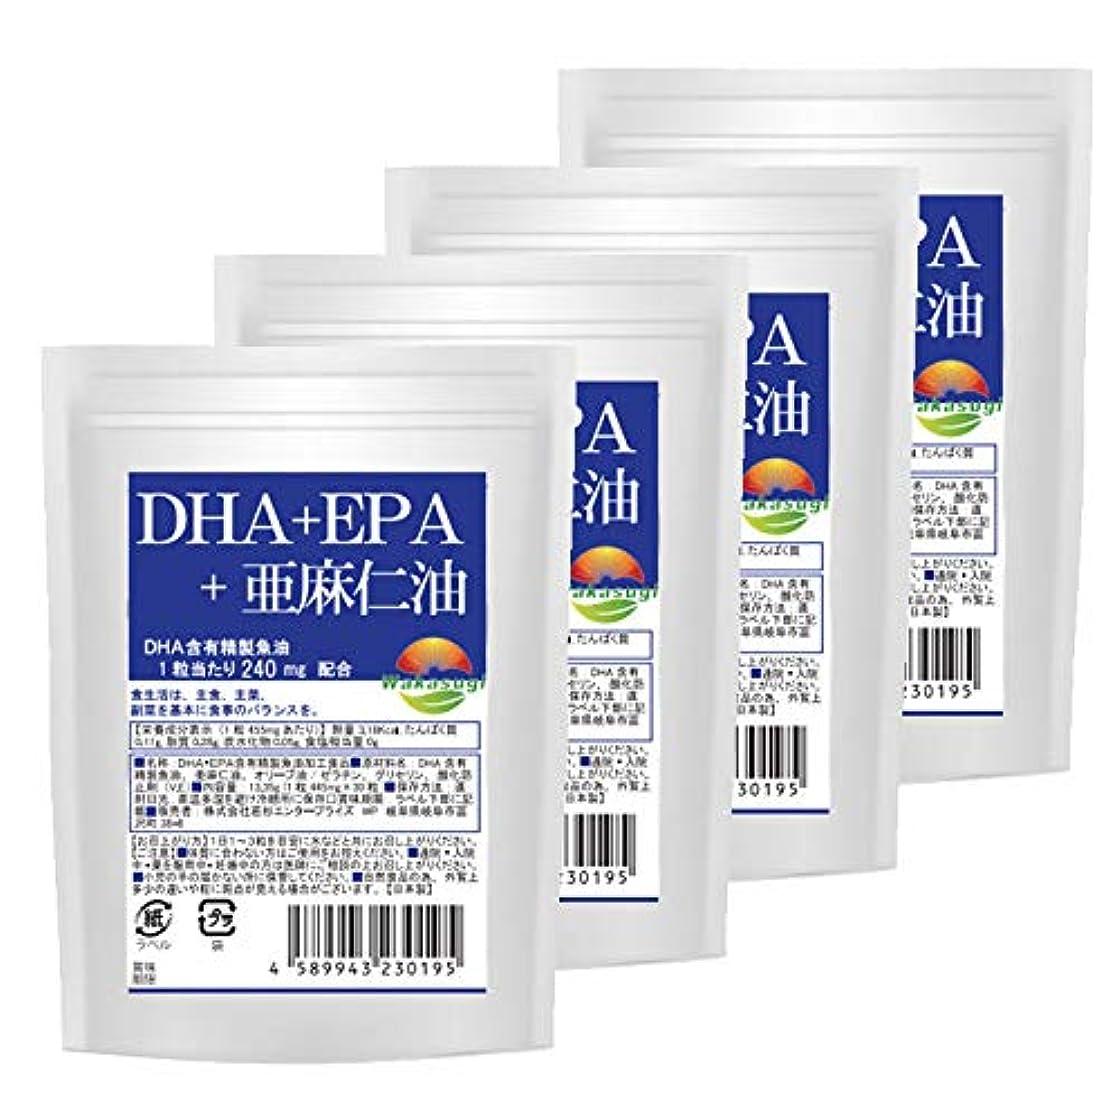 栄養テキスト読者DHA+EPA+亜麻仁油 30粒 4袋セット 計120粒 最大4か月分 ソフトカプセルタイプ